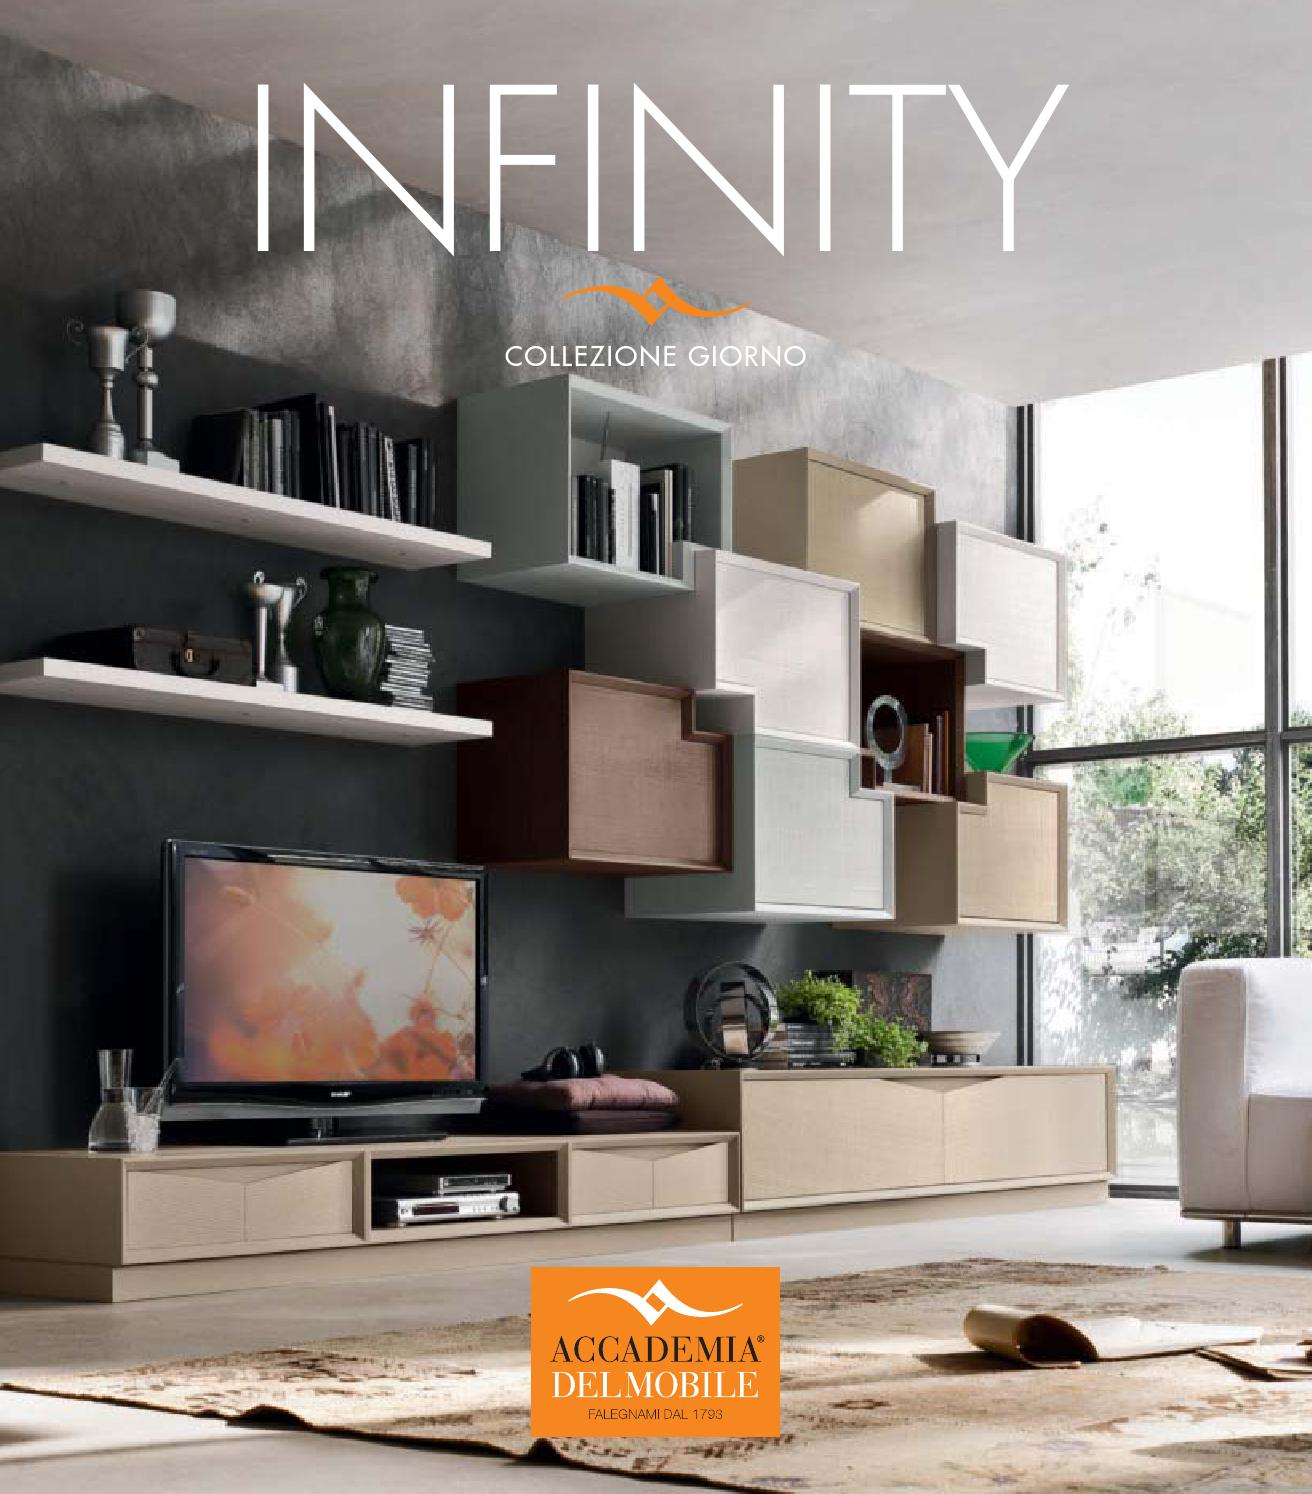 Accademia del mobile catalogo infinity giorno by accademia del mobile srl issuu - Accademia del mobile infinity ...